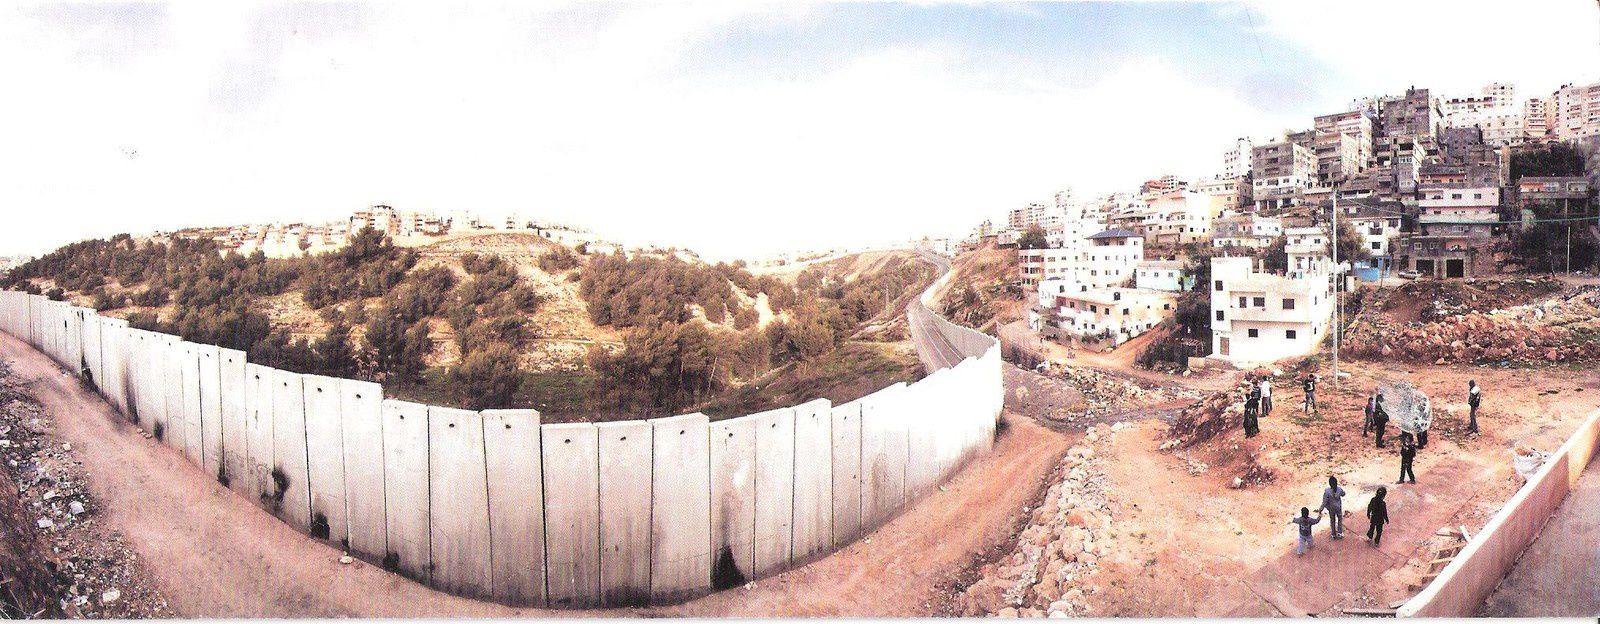 Vue panoramique du mur séparant le camp de réfugiés Palestiniens Shu'fat de la municipalité de Jérusalem. Ces réfugiés au statut indéfini n'ont aucune possibilité d'accéder aux services municipaux de la ville de Jérusalem. C'est de l'apartheid pur et simple ! Cette photo nous a été offerte par le même directeur d'école.